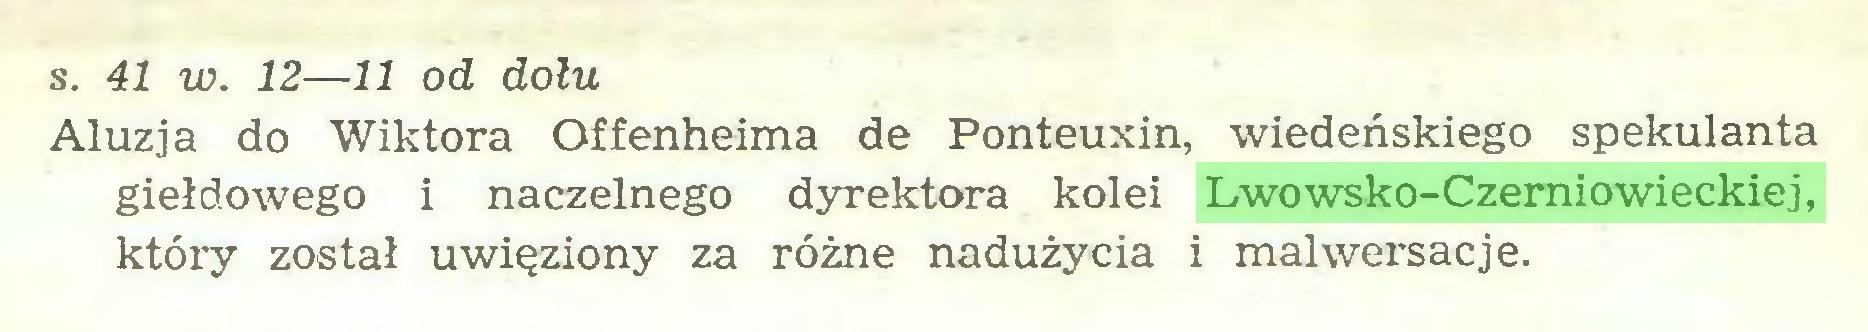 (...) s. 41 w. 12—11 od dołu Aluzja do Wiktora Offenheima de Ponteuxin, wiedeńskiego spekulanta giełdowego i naczelnego dyrektora kolei Lwowsko-Czerniowieckiej, który został uwięziony za różne nadużycia i malwersacje...